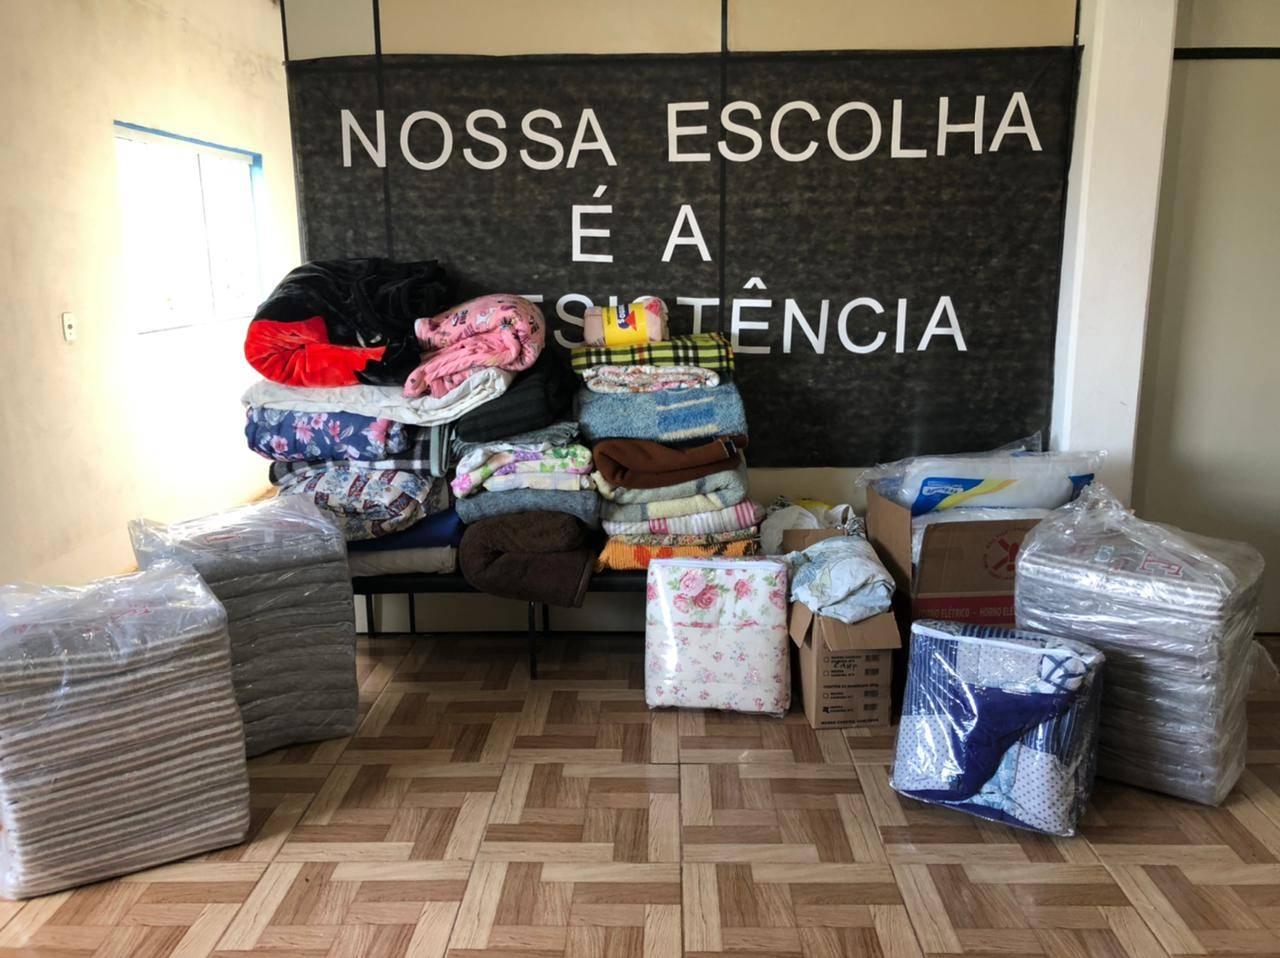 Santo Antônio das Missões realiza diagnóstico de famílias em situação de vulnerabilidade social